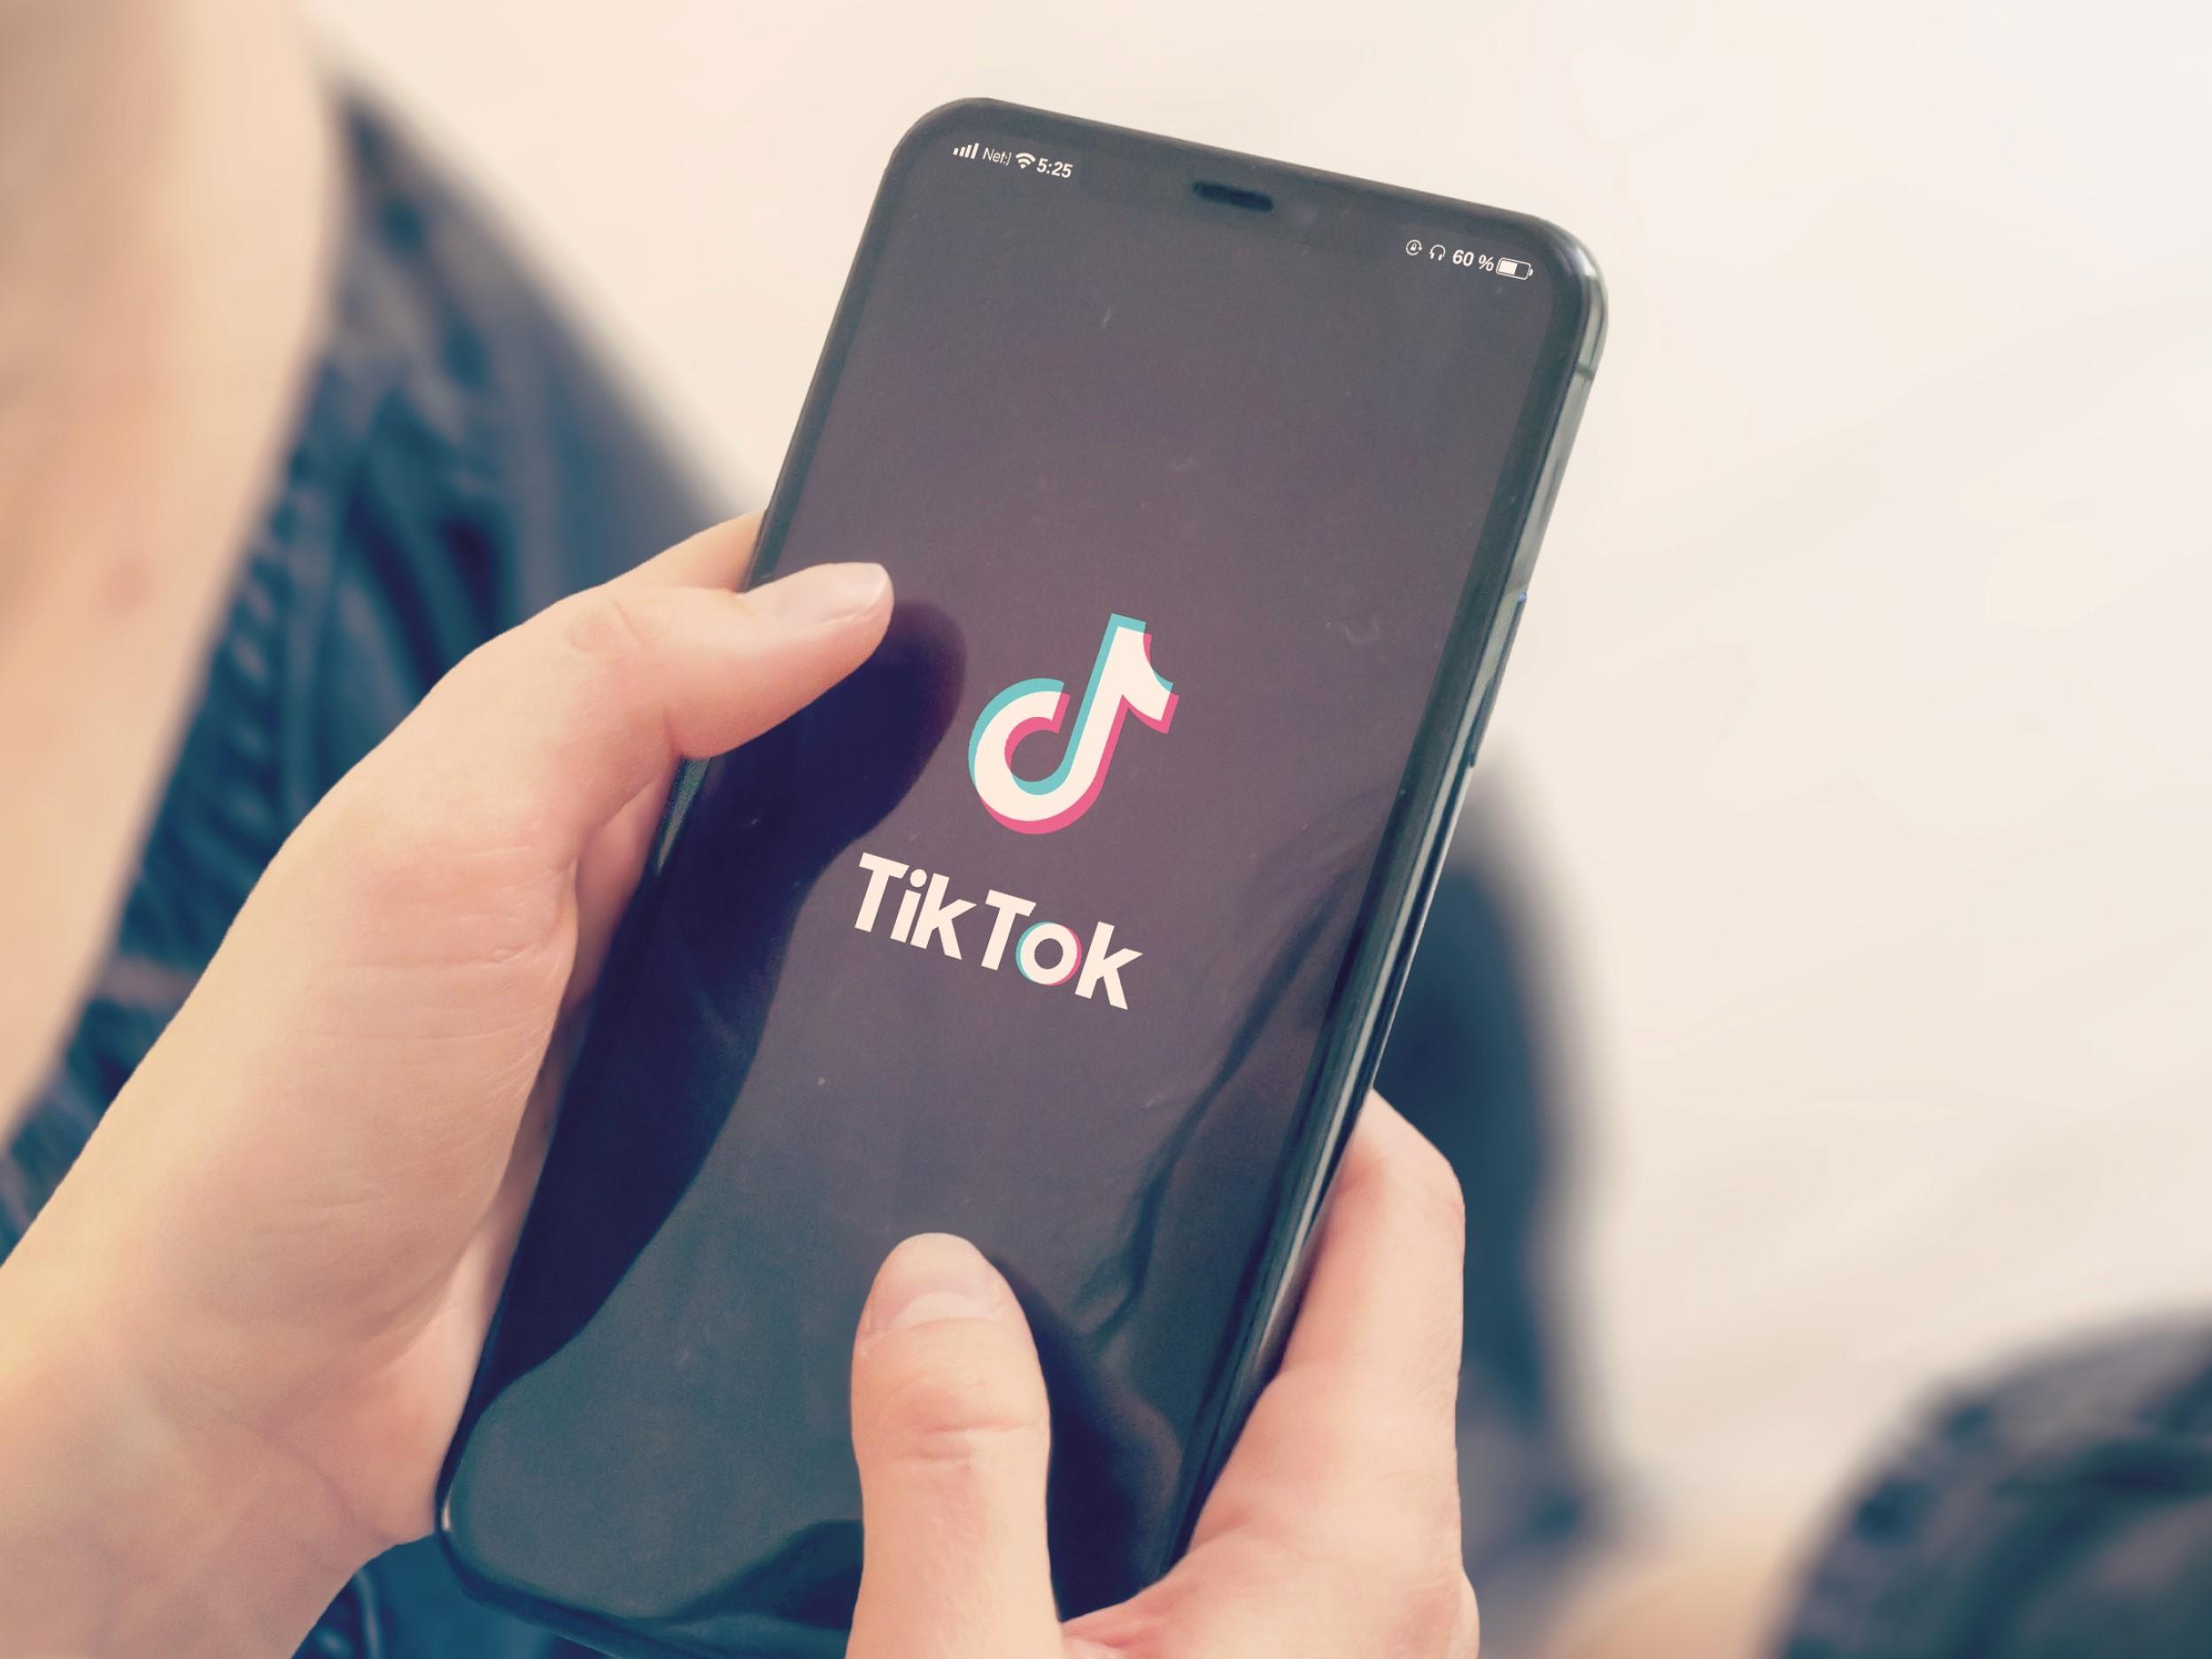 Hoe interessant is TikTok voor bibliotheken?